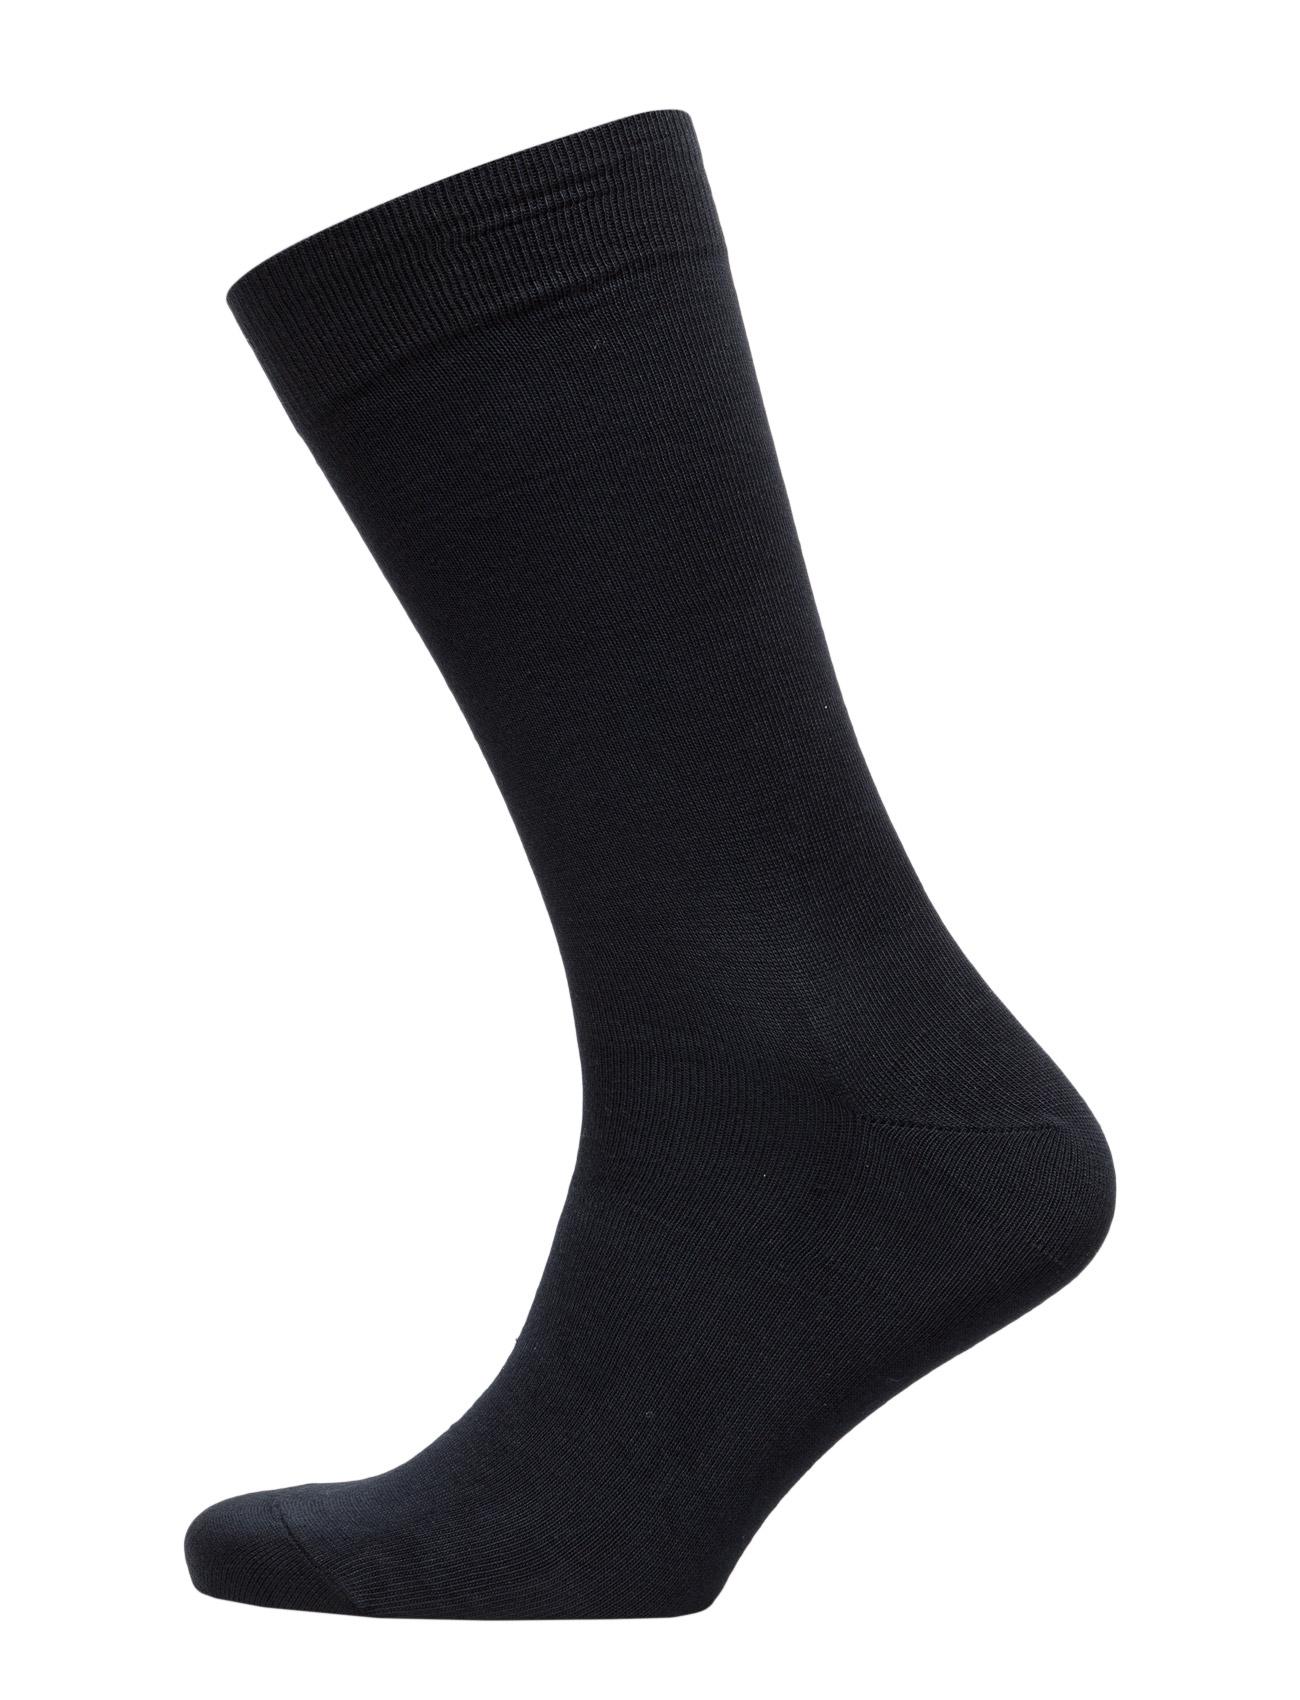 egtved Egtved socks, bamboo fra boozt.com dk